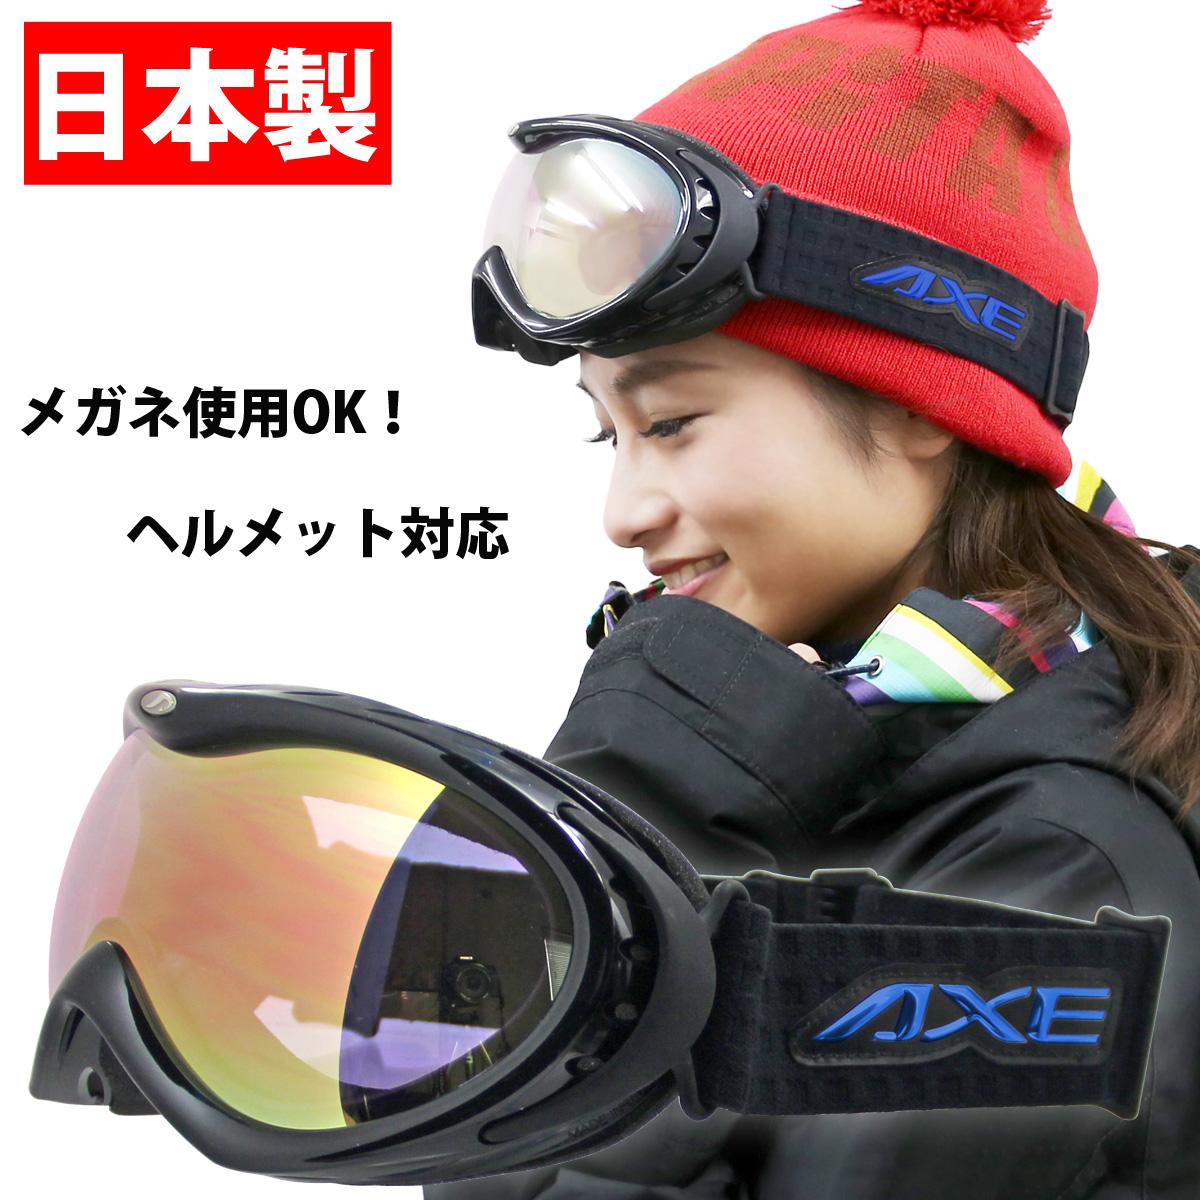 ゴーグル 眼鏡対応 ミラー スキー スノーボード AX830-WCM スノーゴーグル メガネ [当店オリジナル] ダブルレンズ 曇り止め機能付き AXE アックス